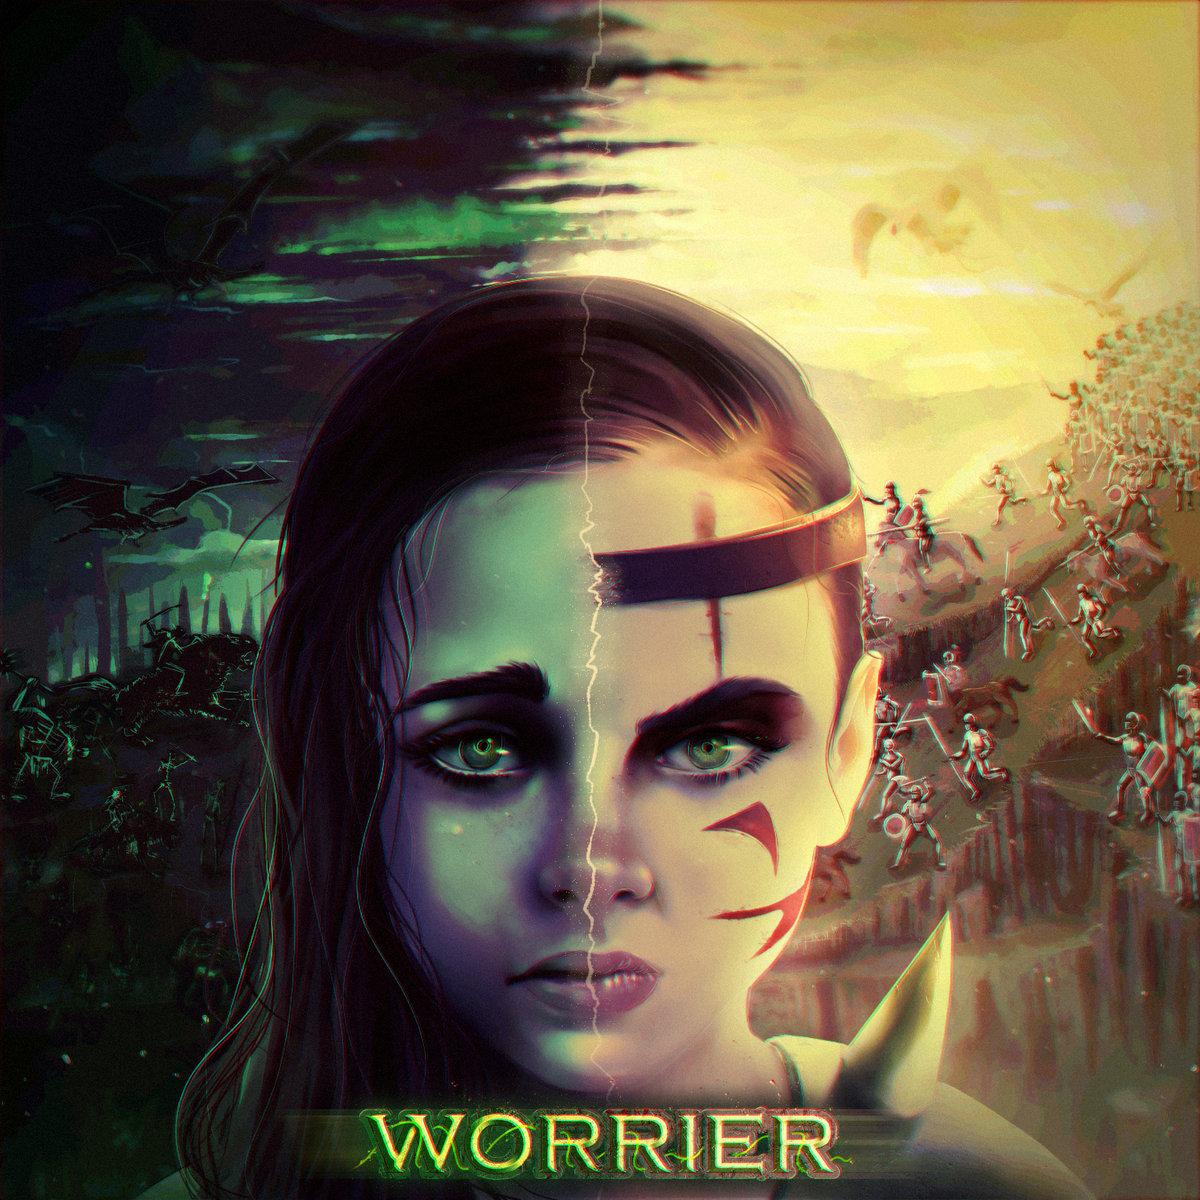 Worrier by Reverse Mechanic